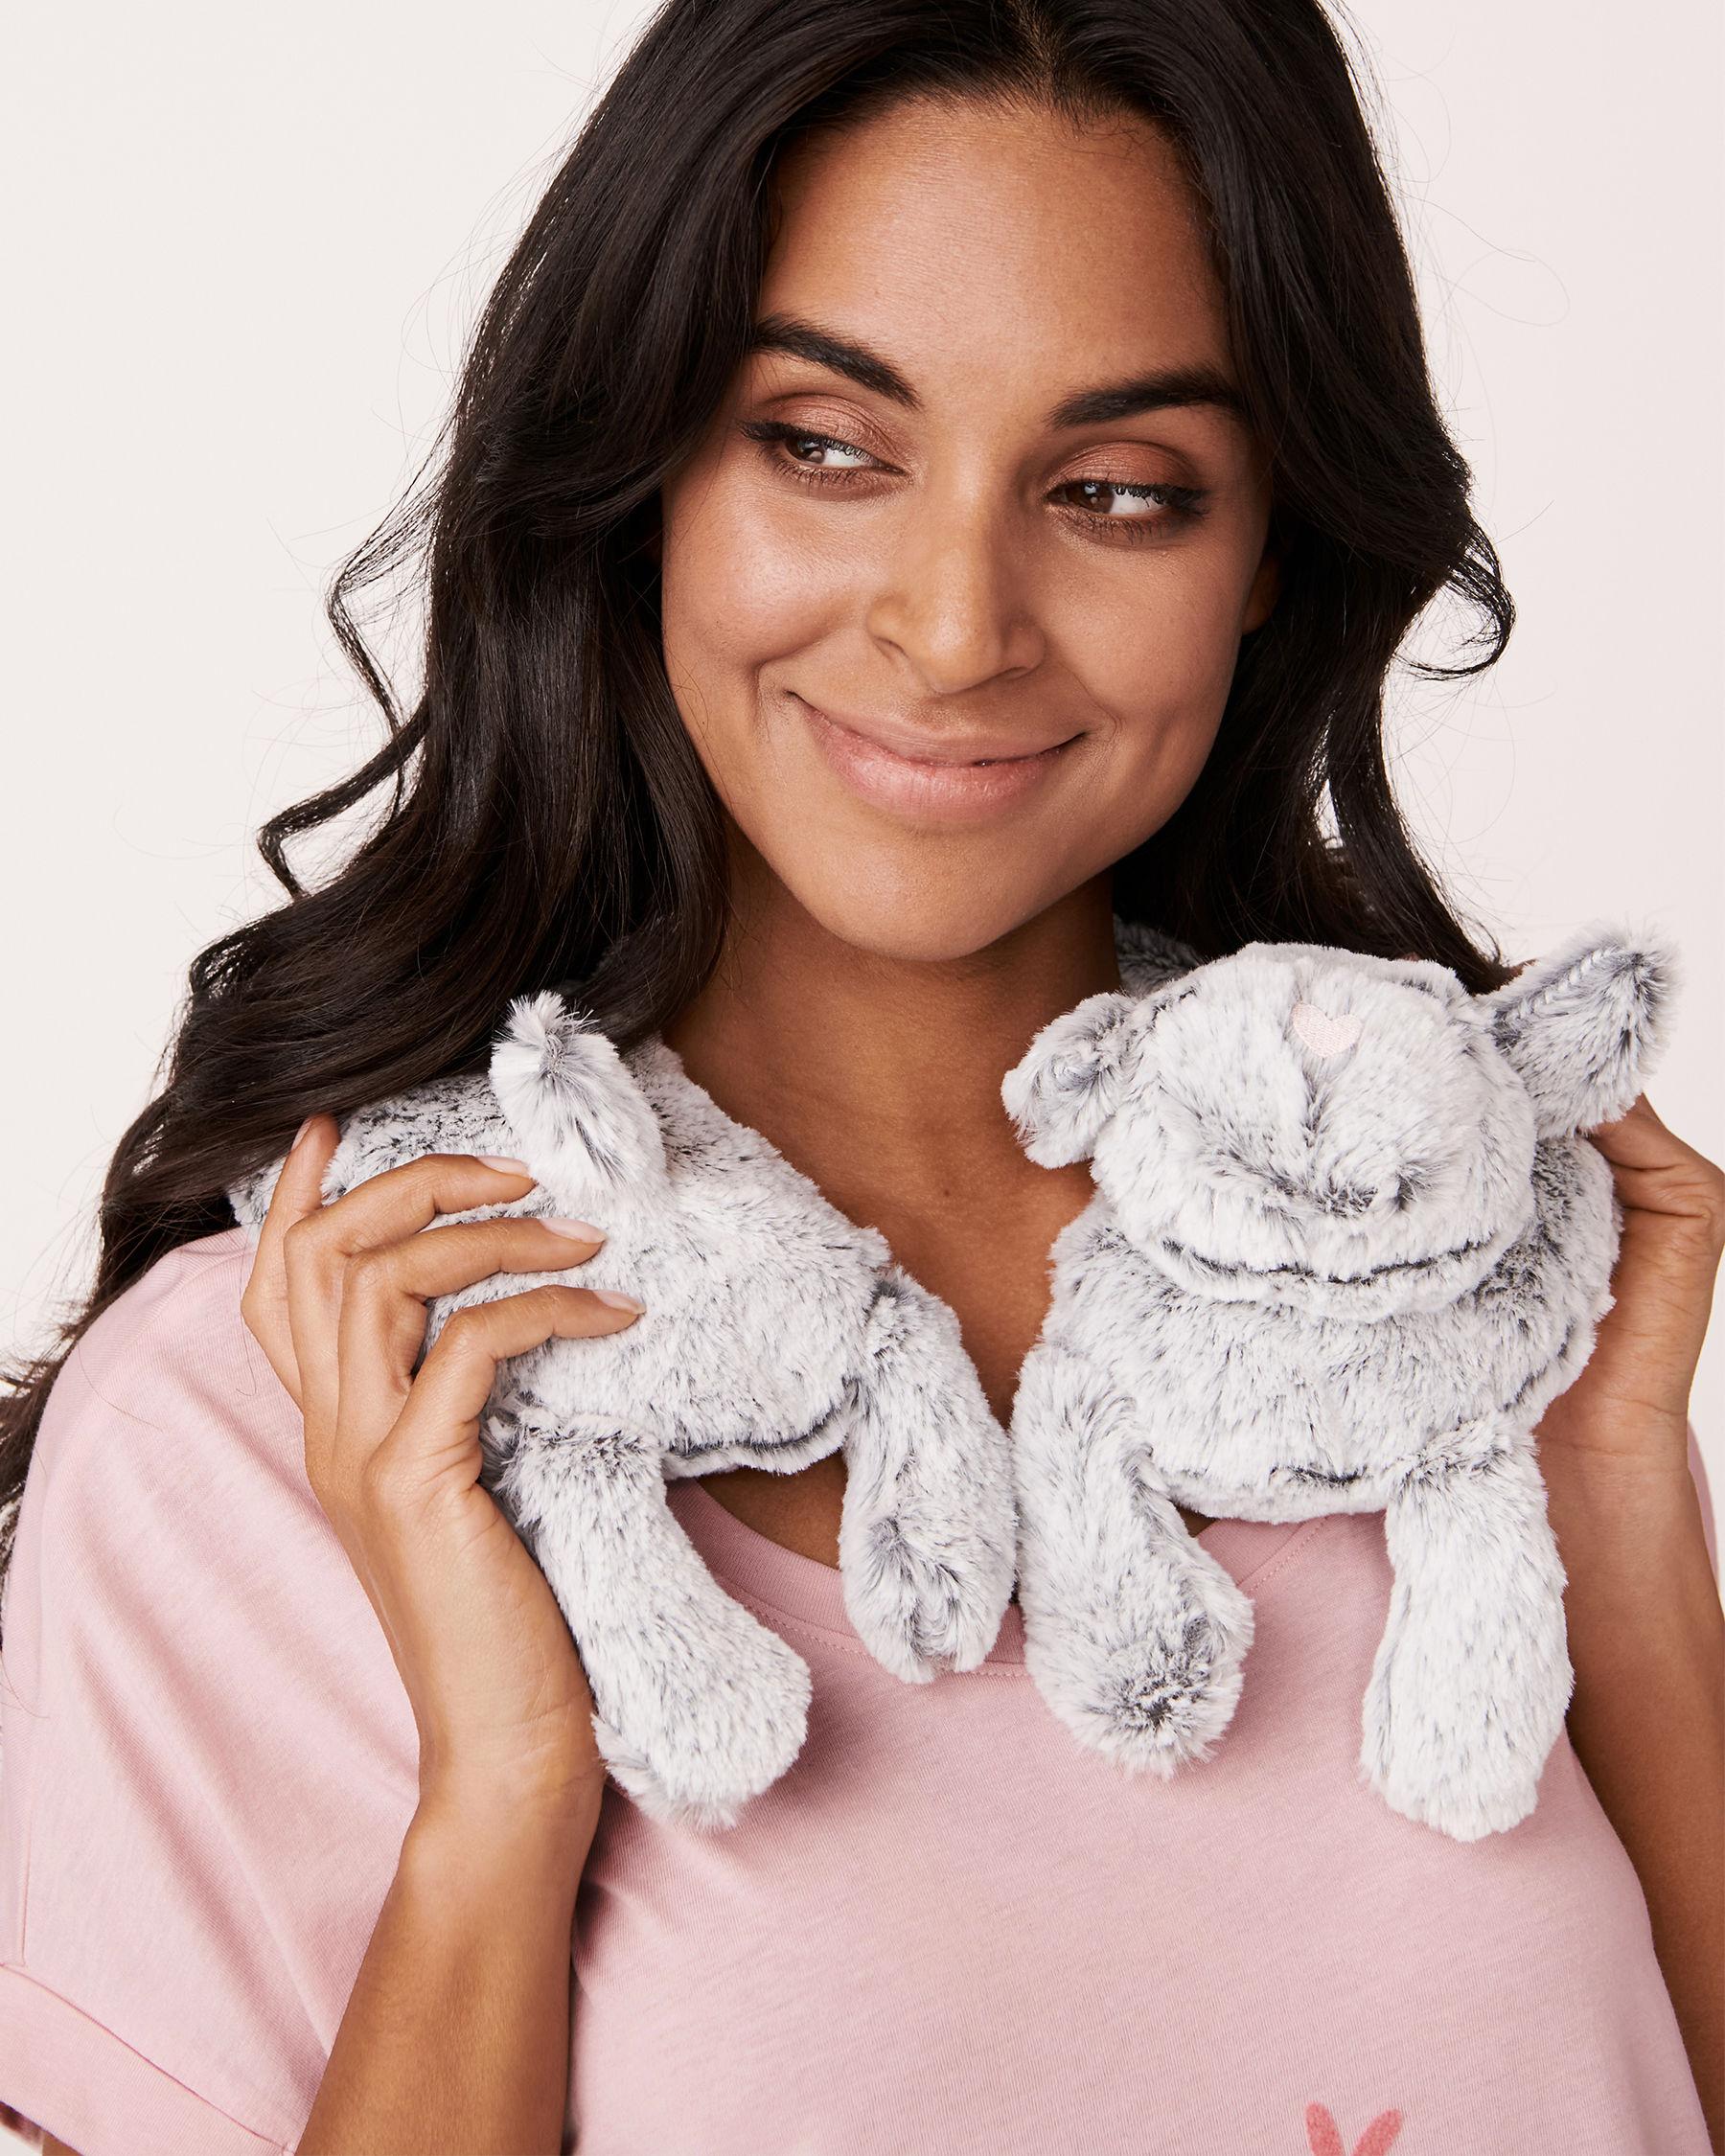 LA VIE EN ROSE Heatable Faux Fur Neck Pillow Grey 784-527-0-11 - View1